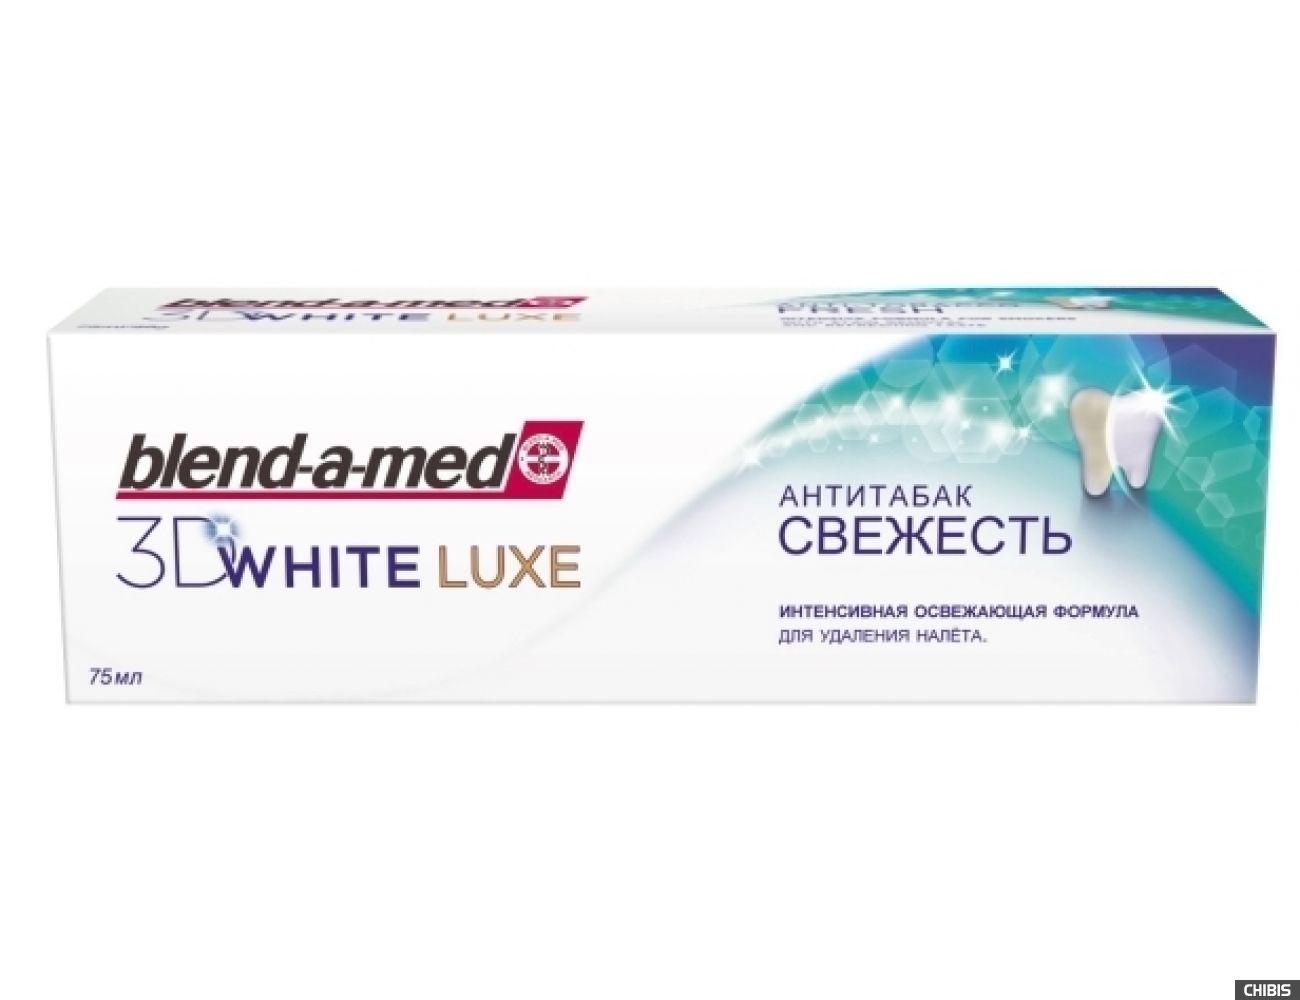 Зубная паста Blend-a-med 3D White LUXE Анти Табак 75 мл.(5011321523388)